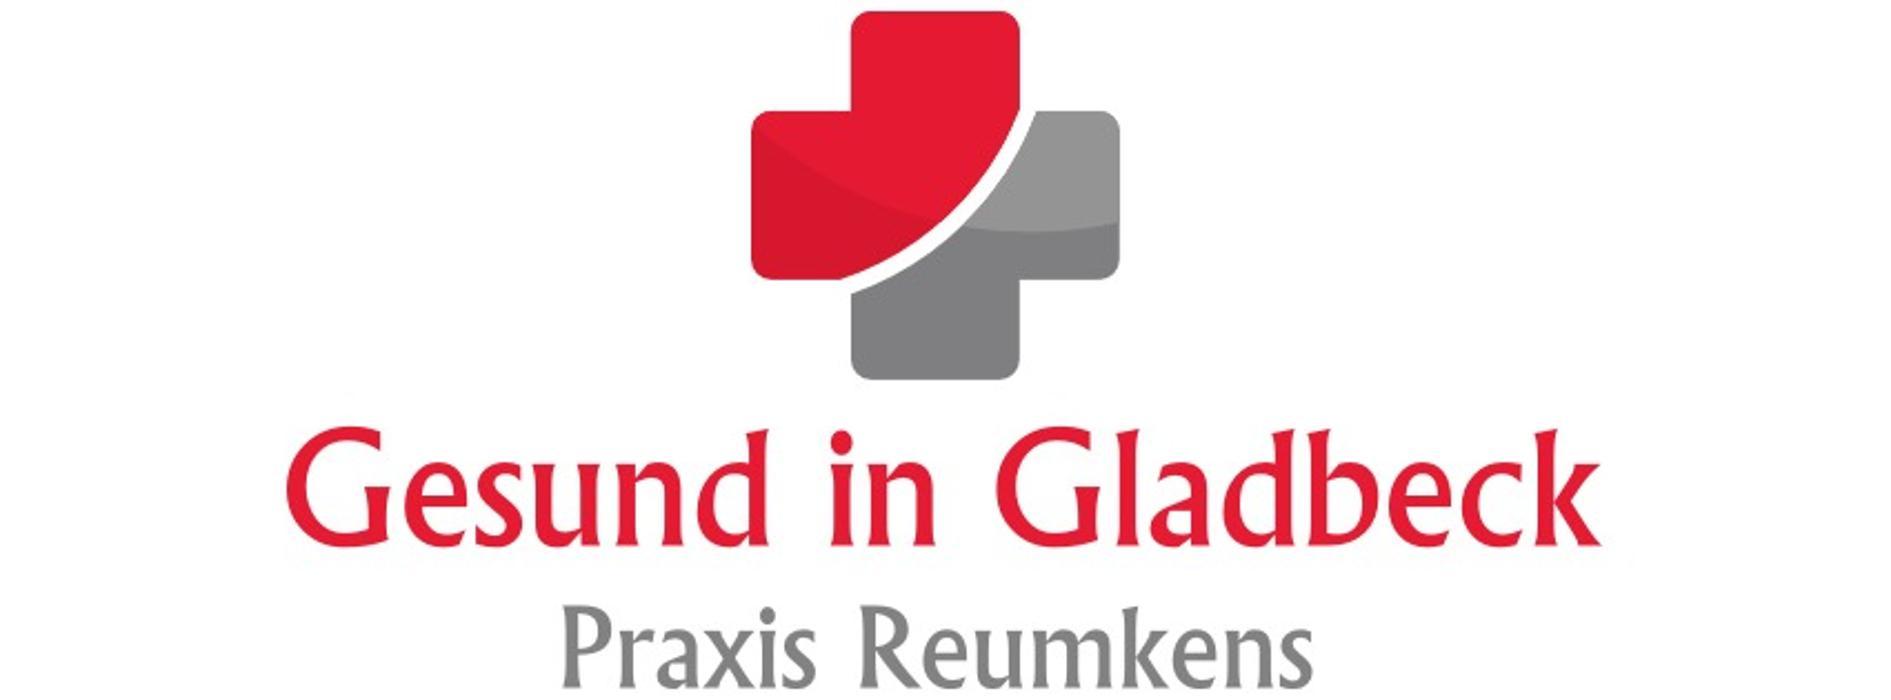 Bild zu Markus Reumkens, Facharzt für Innere Medizin / Hausärztliche Versorgung in Gladbeck